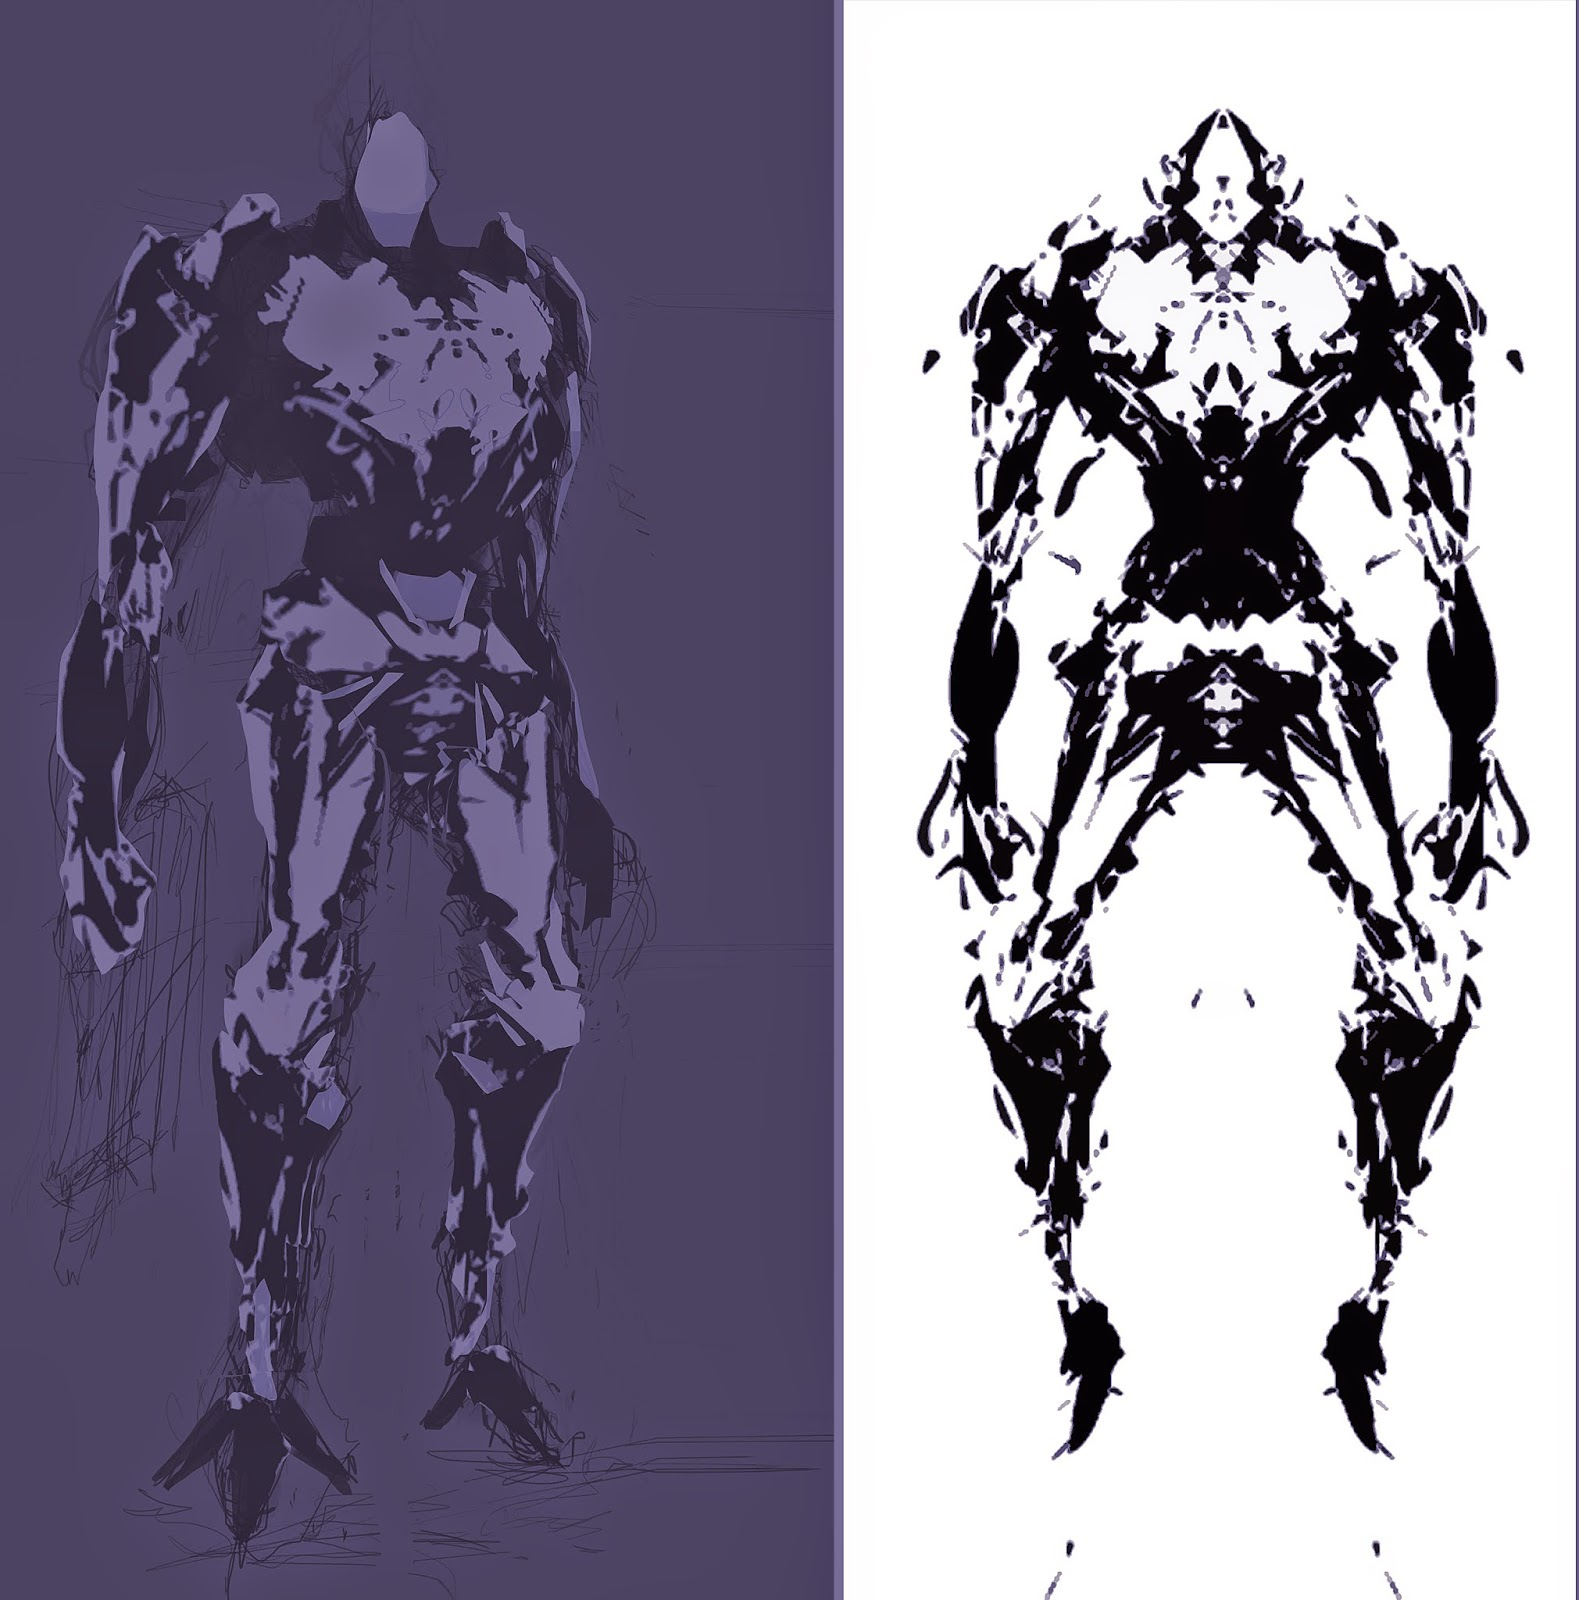 Mech Cyborg Robot Concept Art